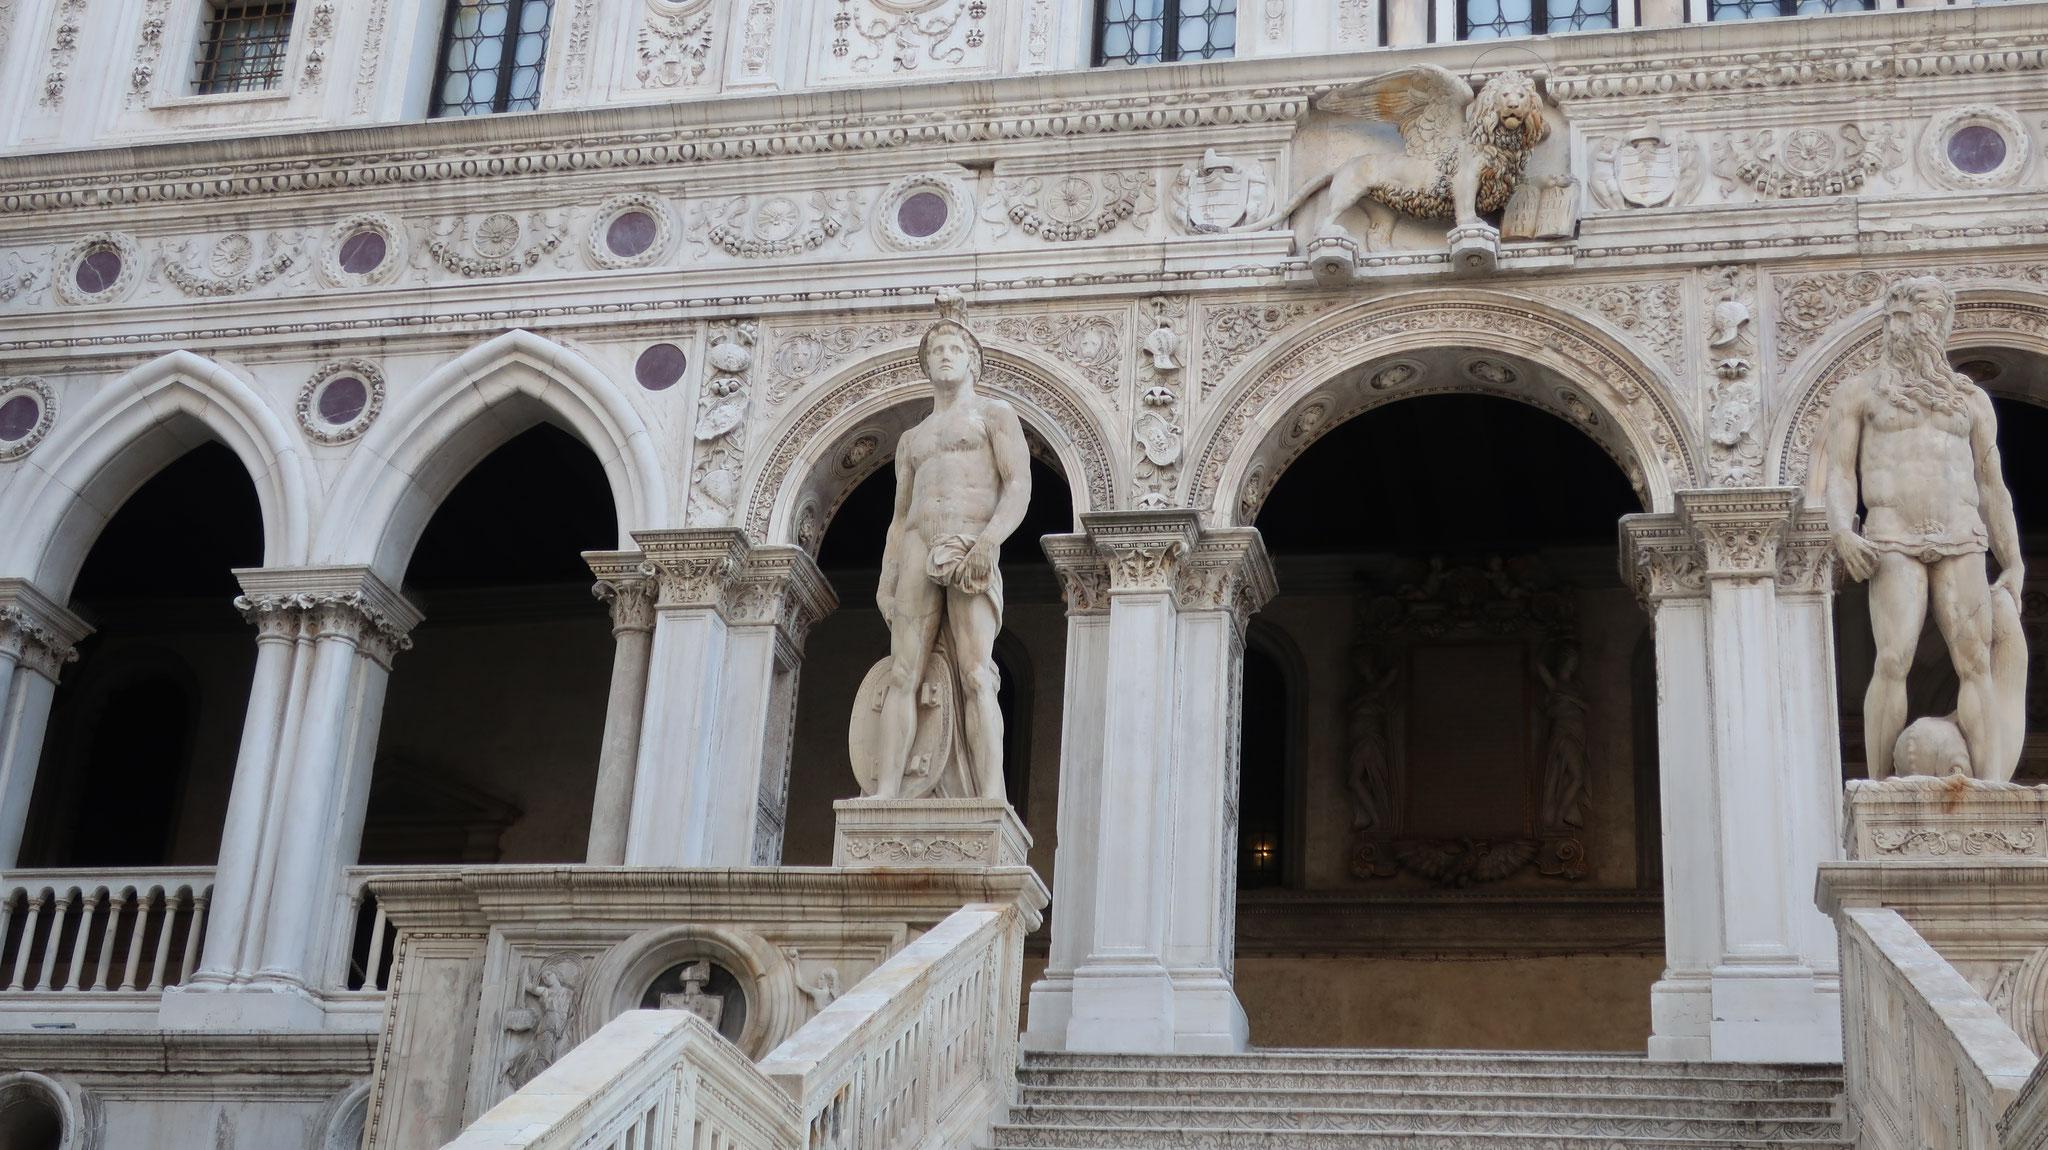 真上に、有翼のライオン。巨人は、左:「軍神マルス」、右:「海の神ネプチューン」。サンソヴィーノが16世紀に制作。